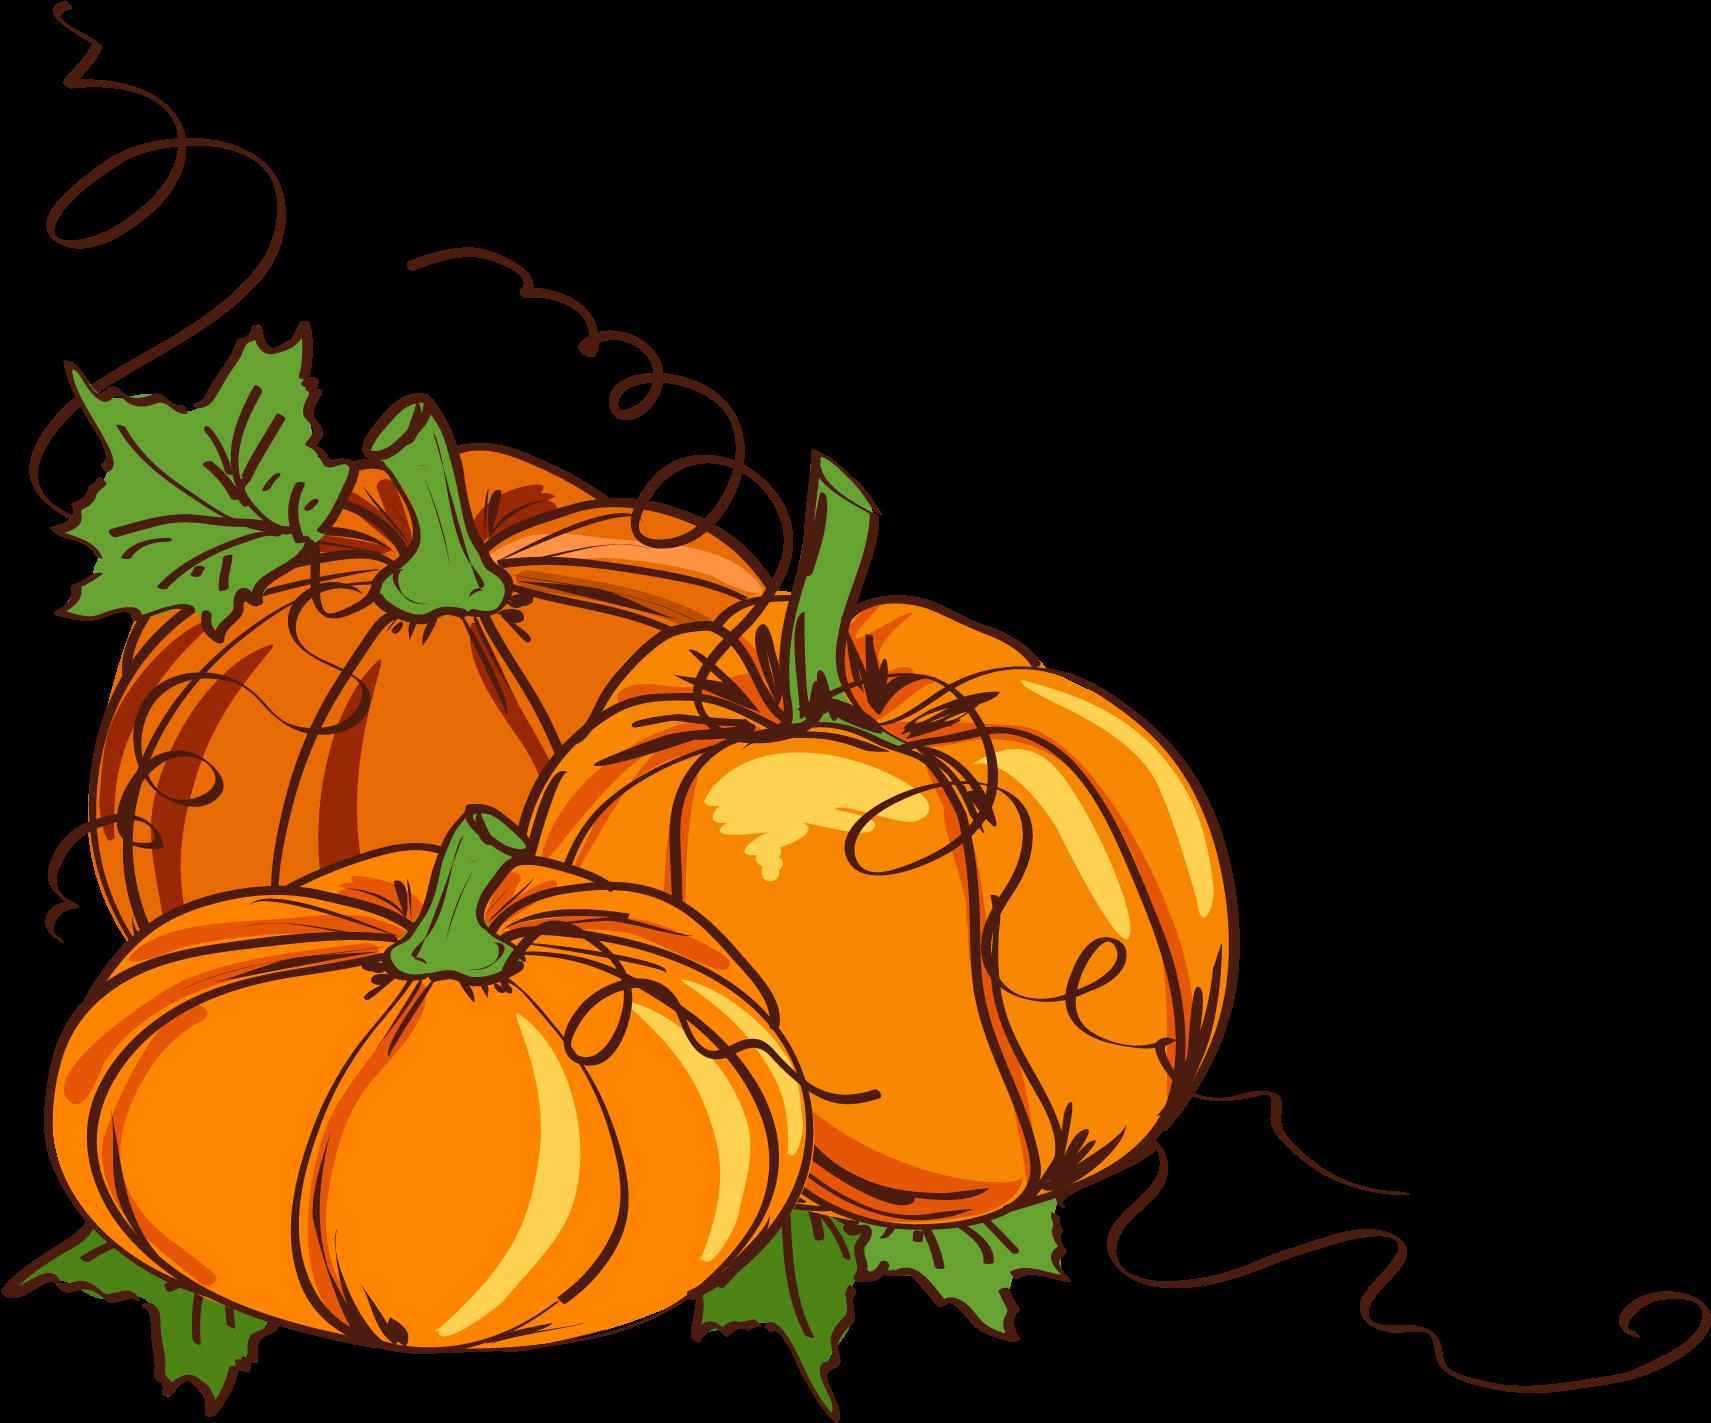 Vector Art - Halloween pumpkin. Clipart Drawing gg58442277 - GoGraph